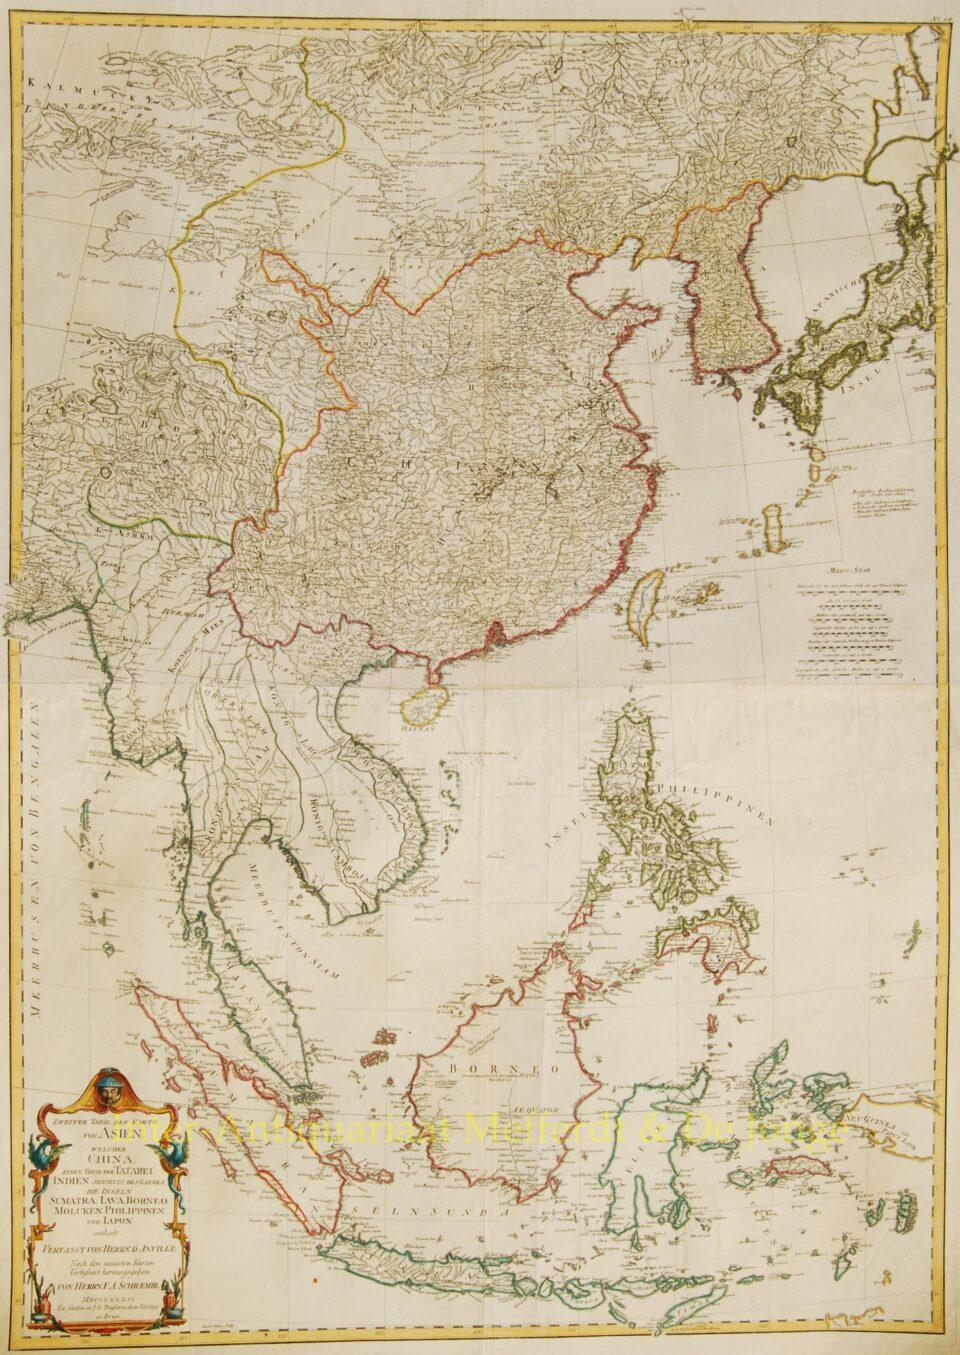 East Asia antique map - Schraembl